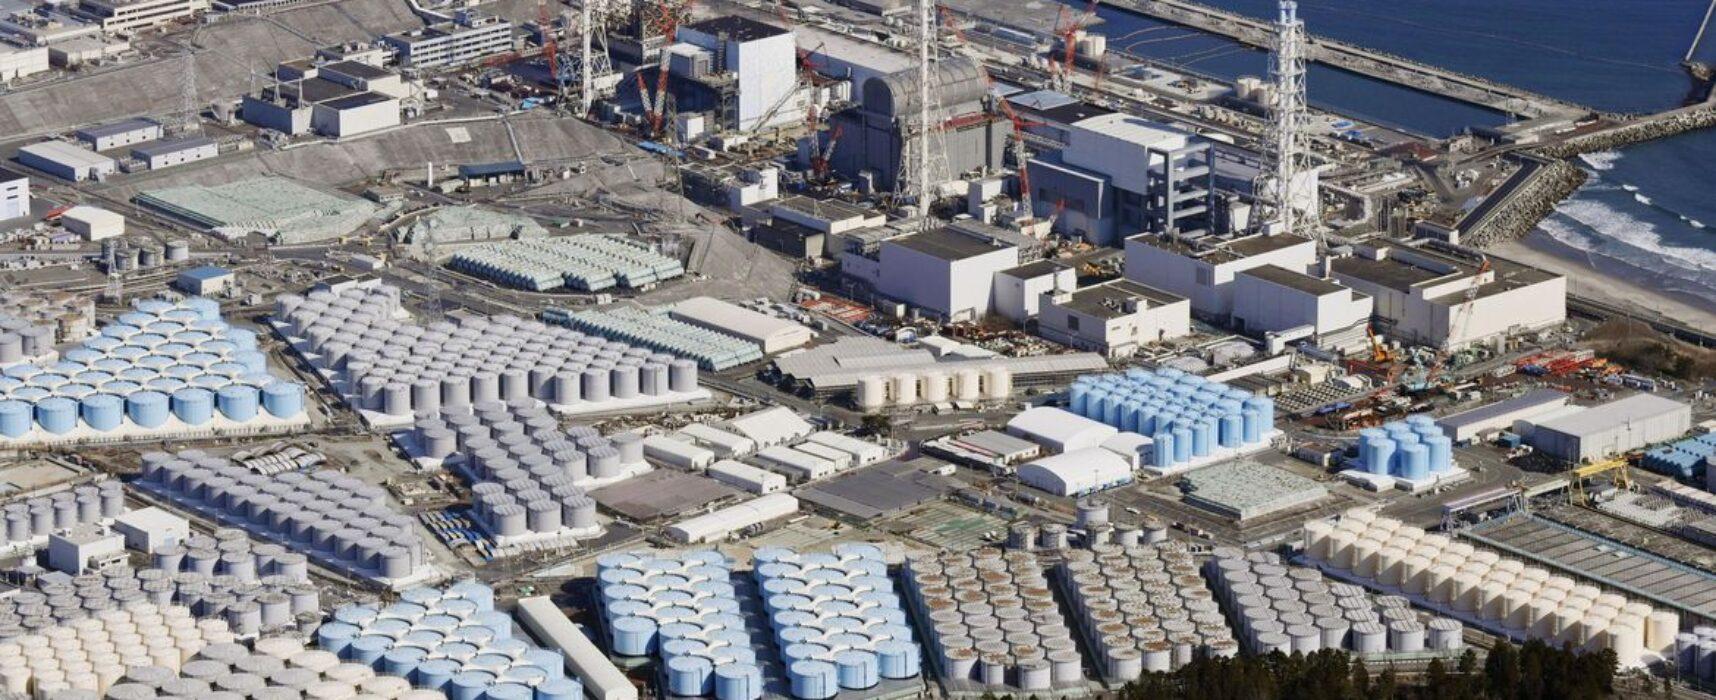 Japão liberará água contaminada de Fukushima no mar após tratamento